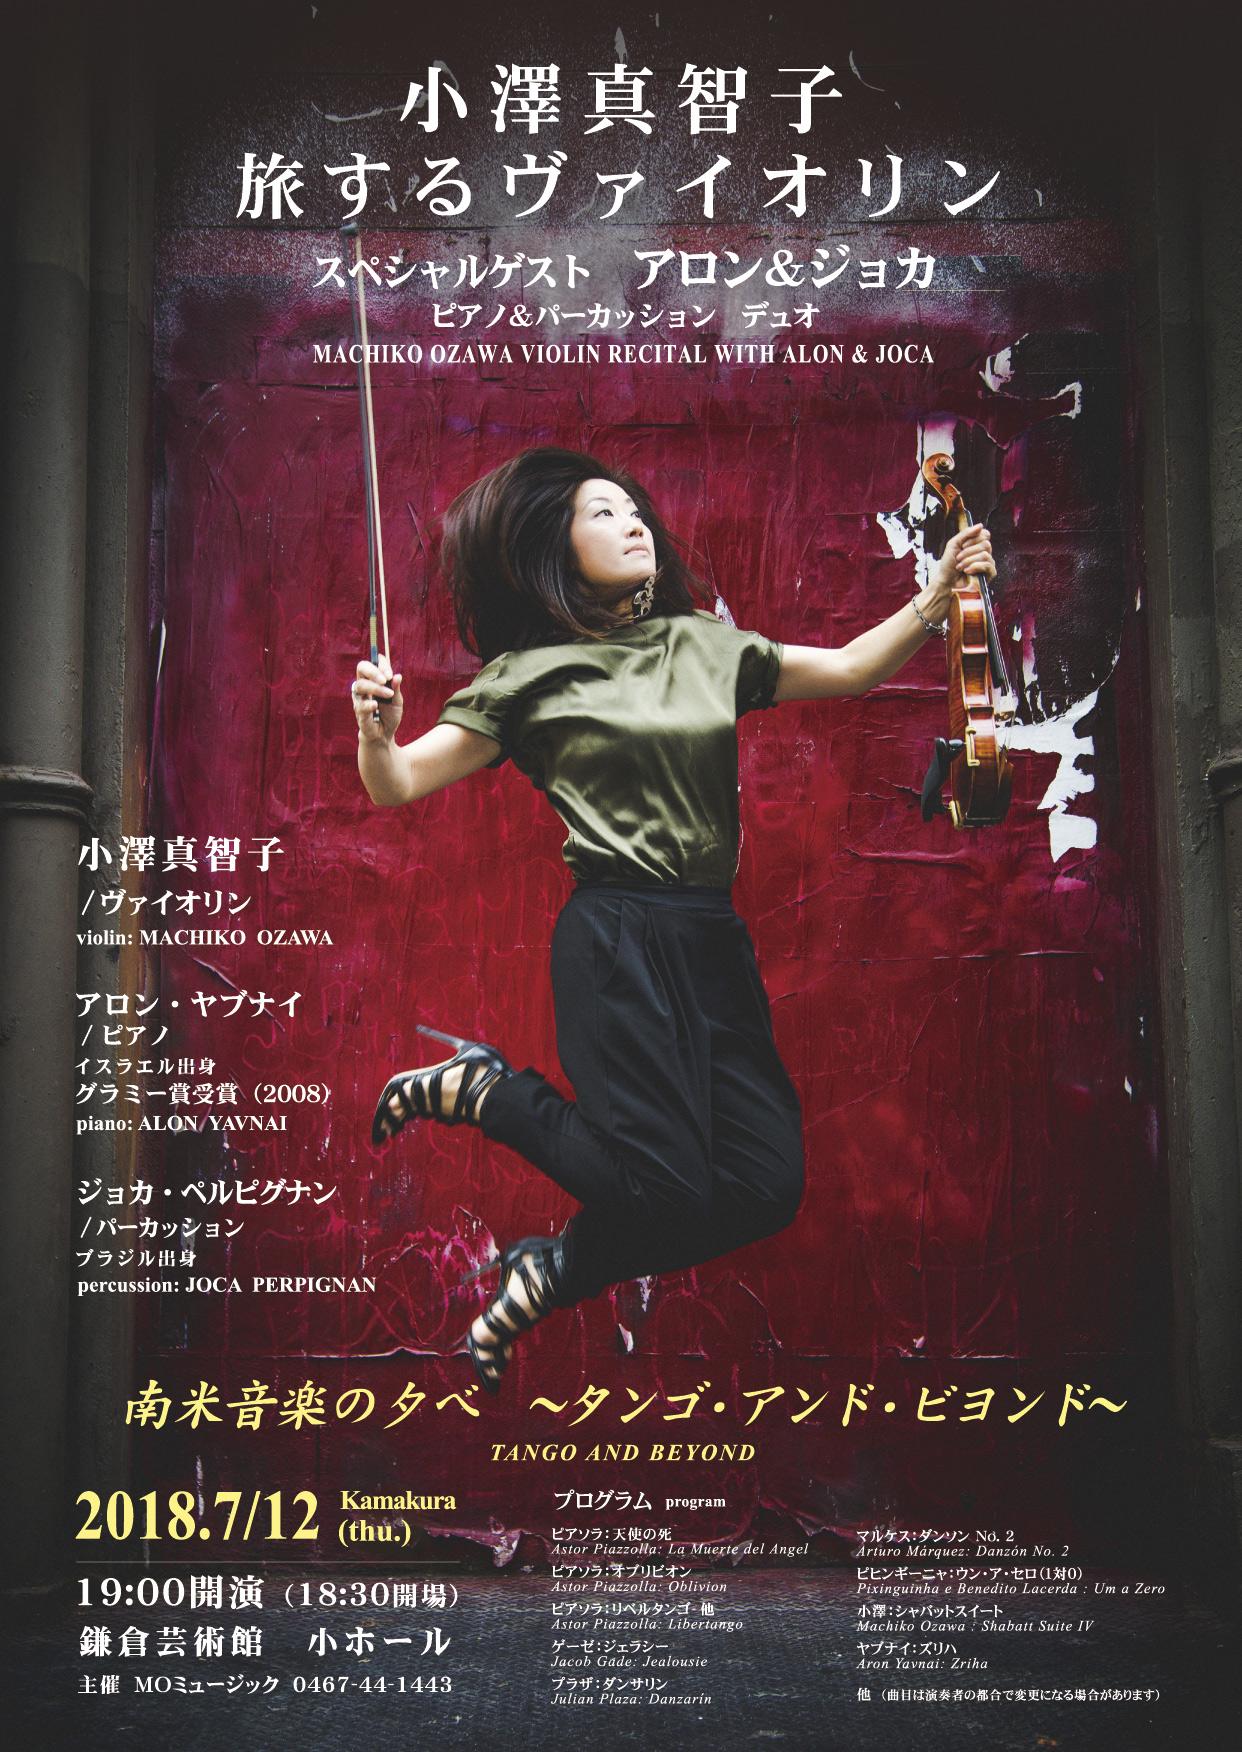 小澤真智子 ヴァイオリンコンサート フライヤー